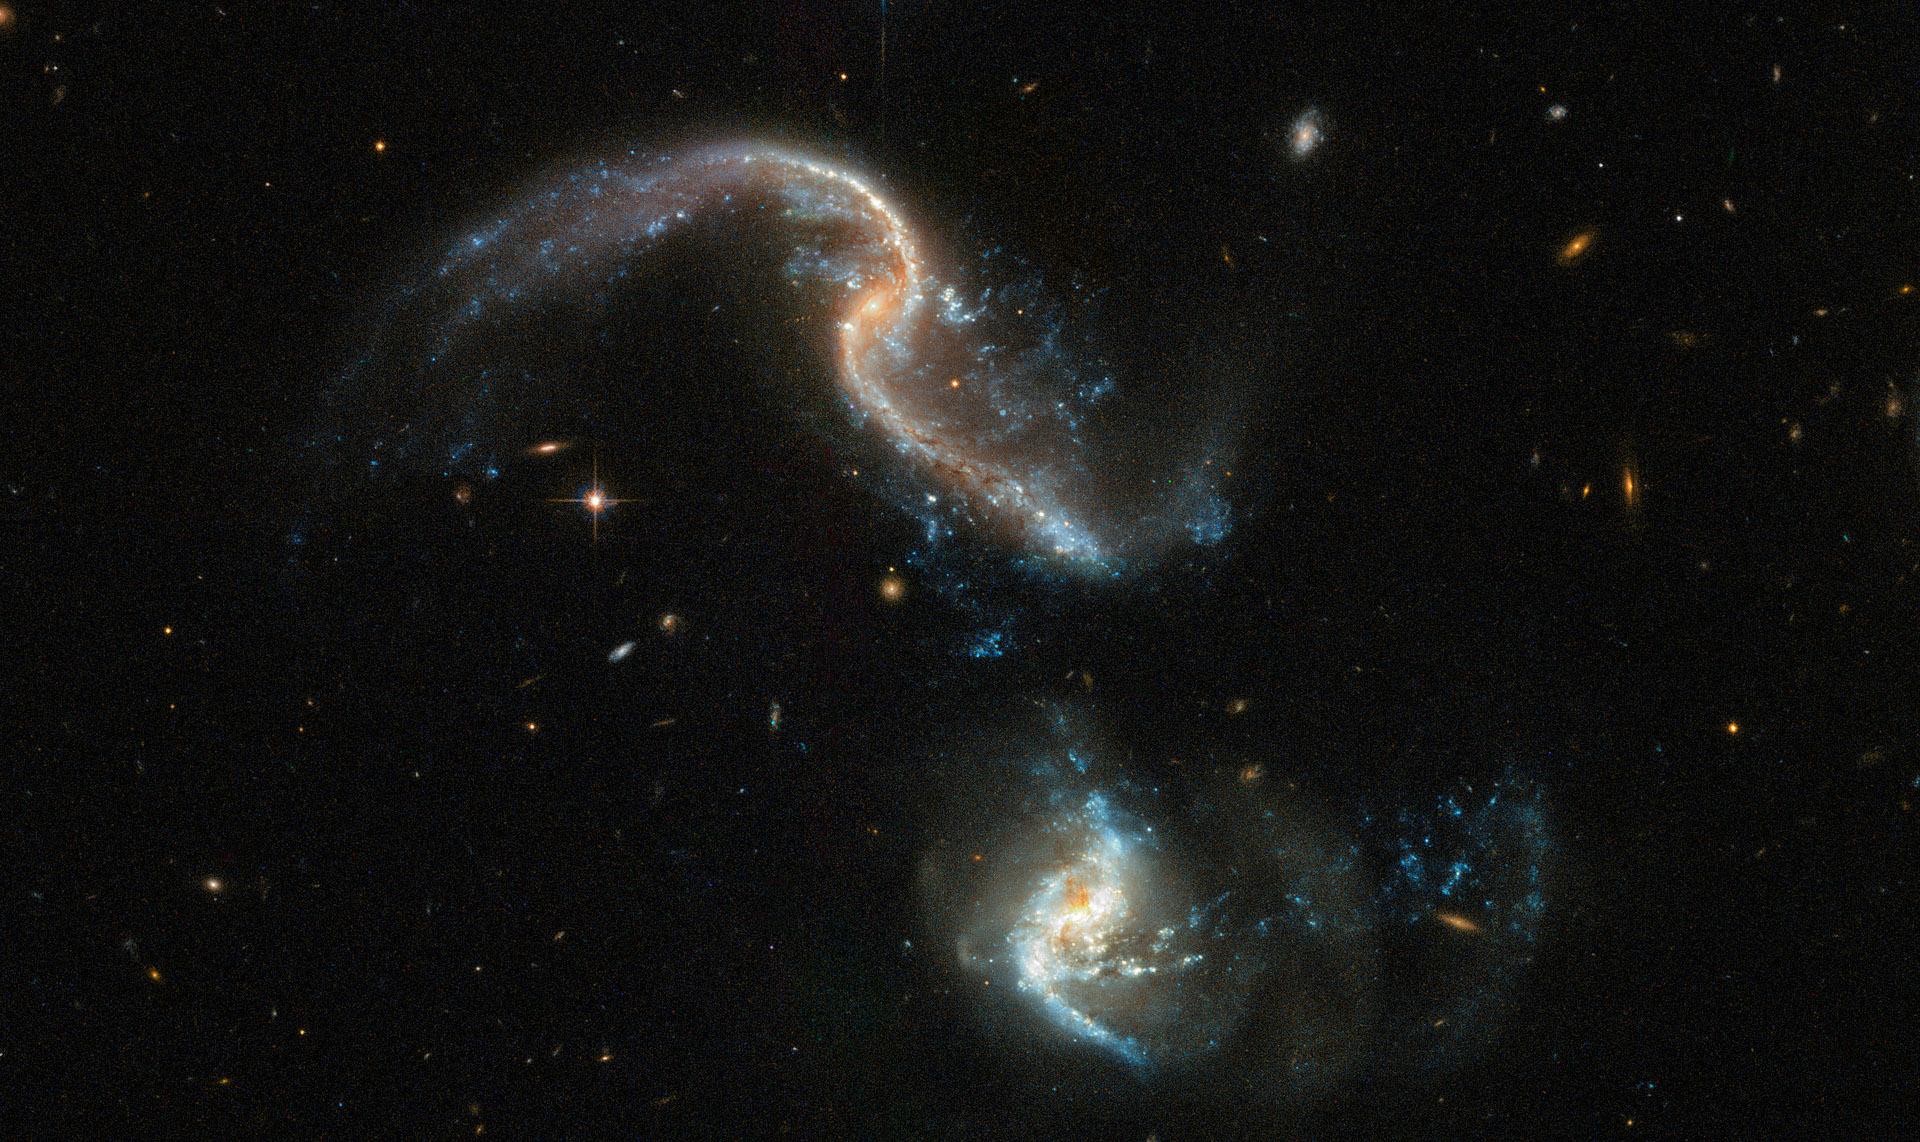 как найти андромеду на ночном небе